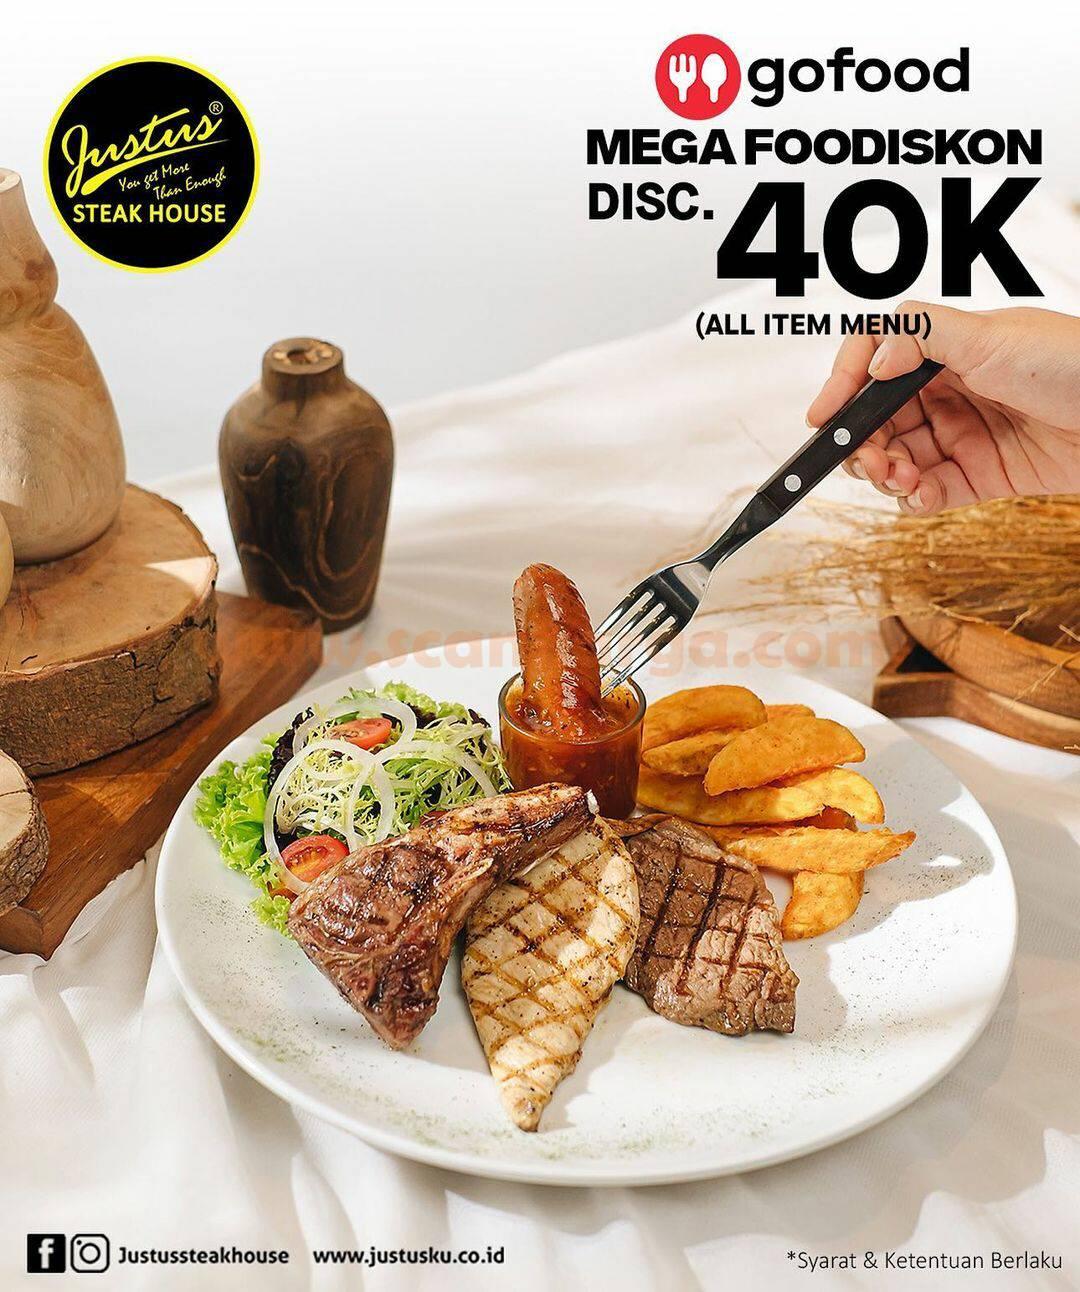 Promo Justus Steak House – Mega FooDiskon Rp 40.000 via GoFood